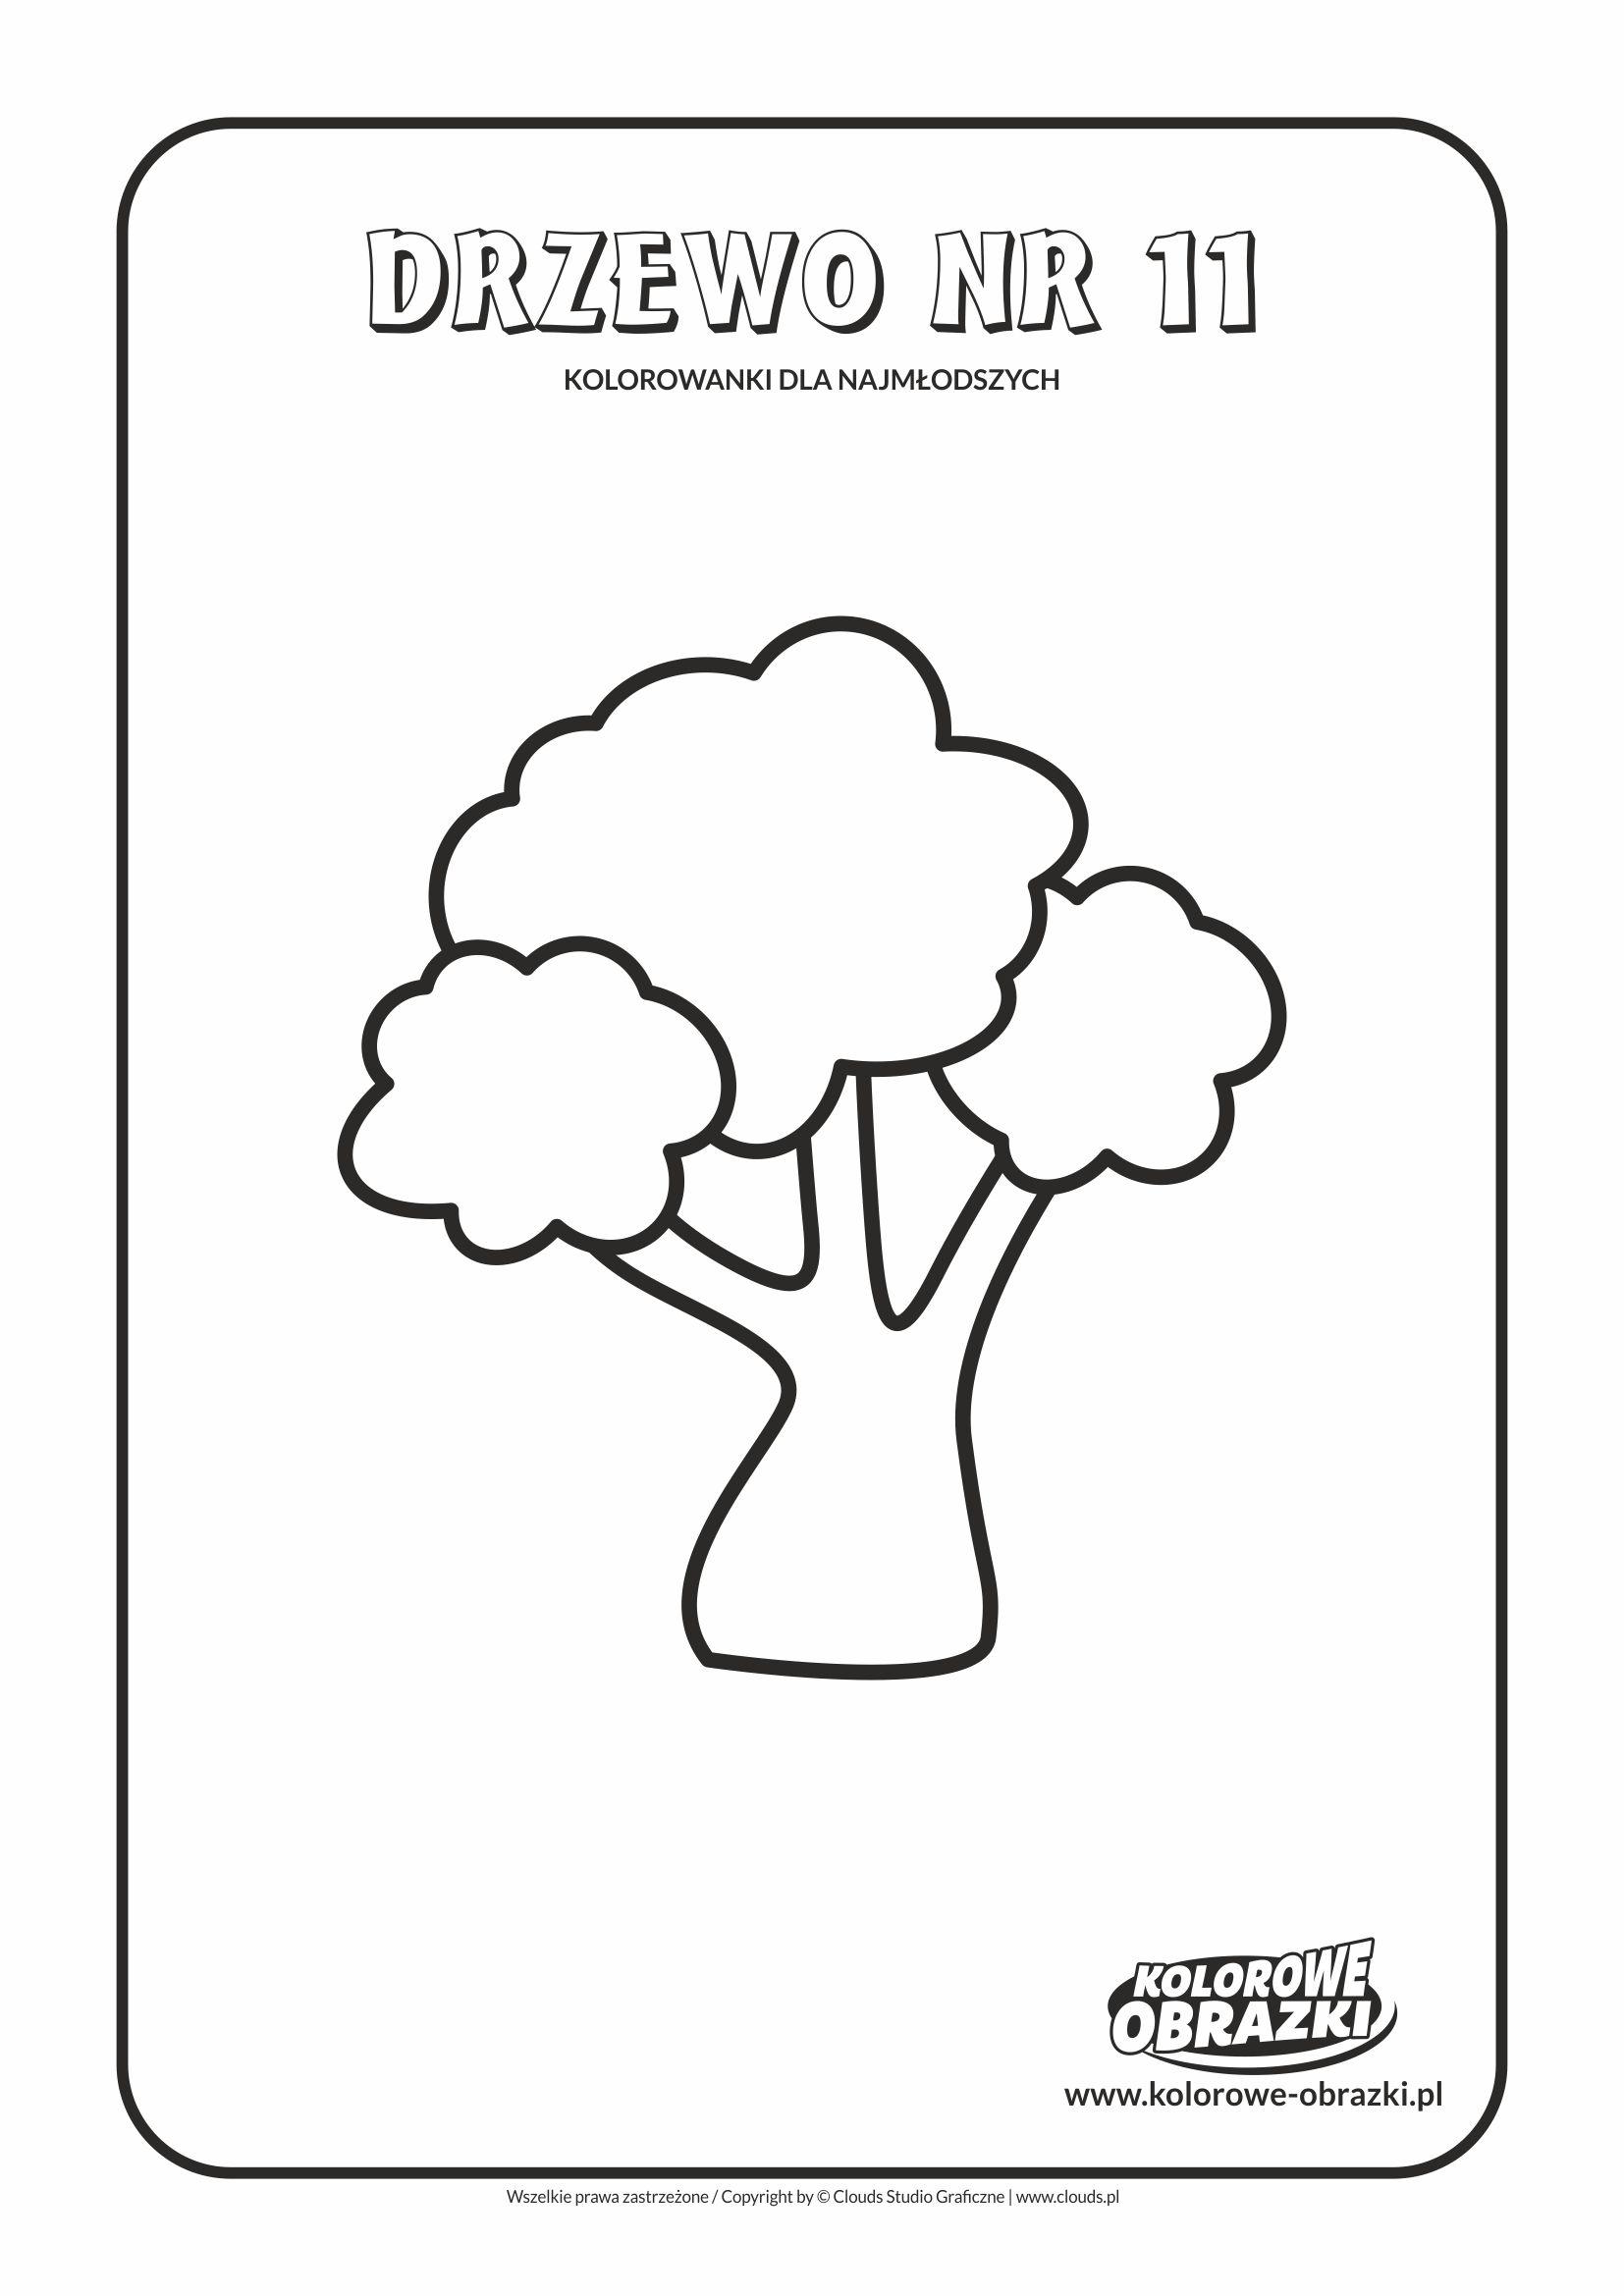 Proste kolorowanki dla najmłodszych - Drzewa / Drzewo nr 11. Kolorowanka z drzewem